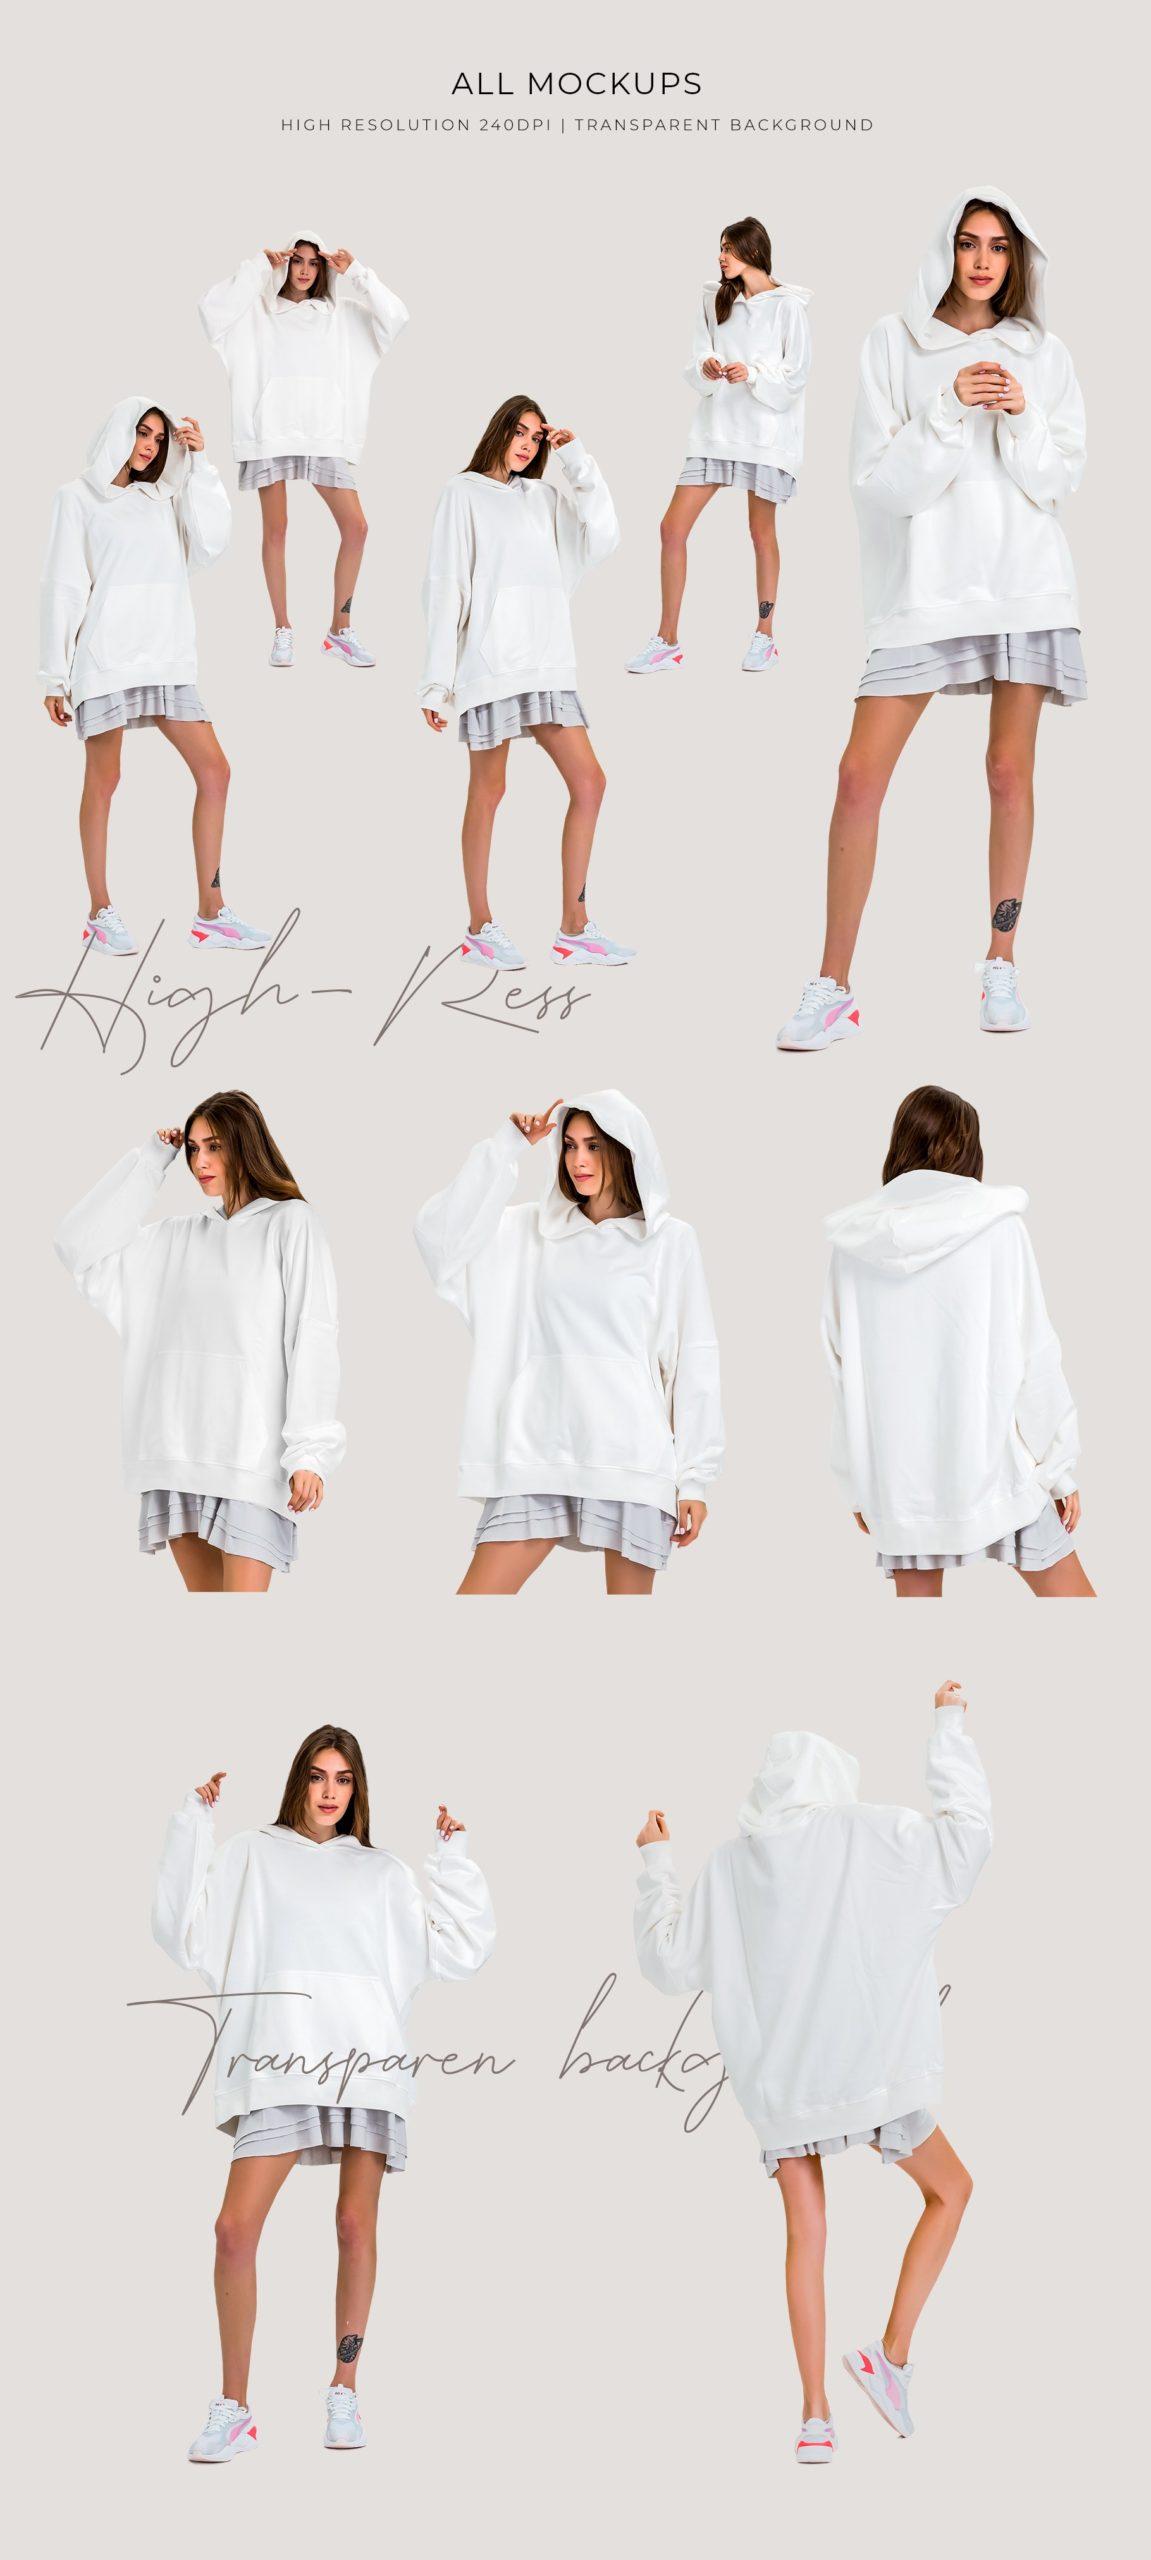 超大女式连衣帽卫衣印花图案设计展示贴图样机模板 Oversize Hoodie Mockup Templates插图1